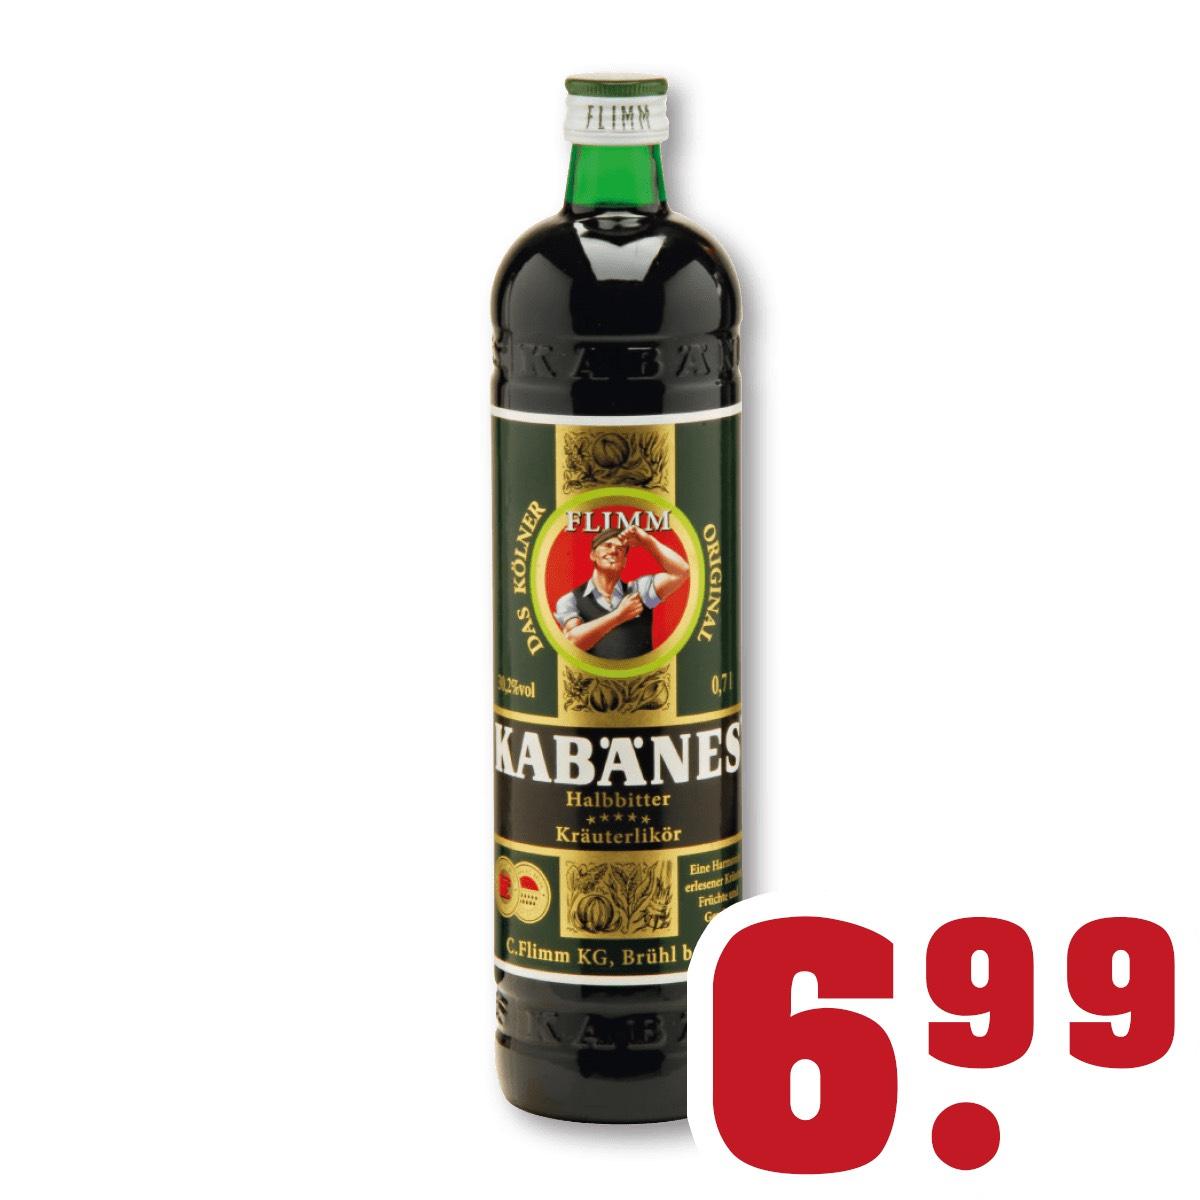 Trinkgut in NRW - Kabänes Kräuter Halbbitter 30,2% 0,7L für 6,99 €